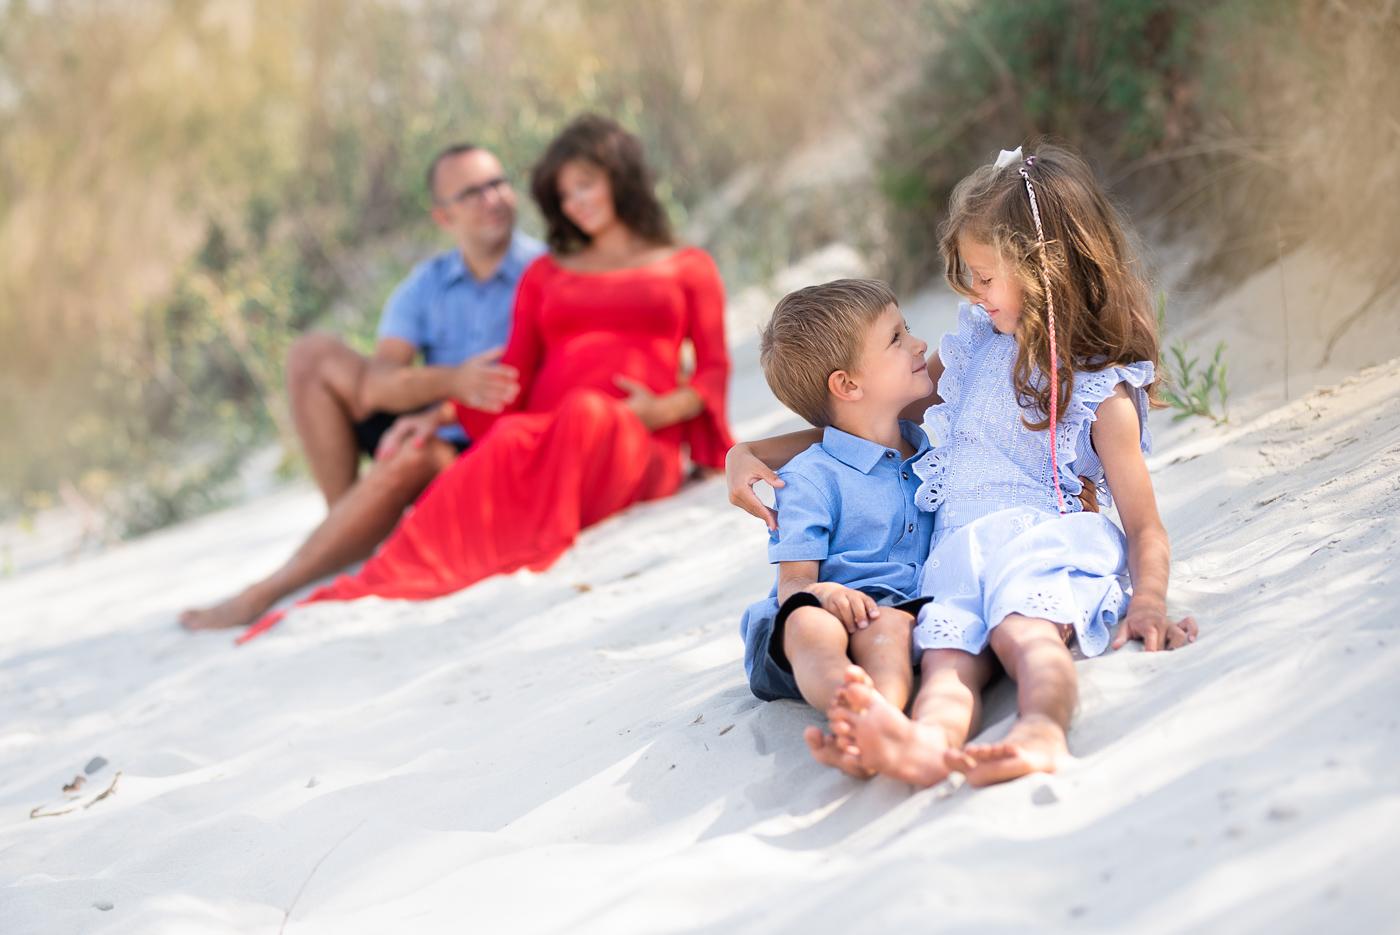 rodzieństwo sesja na plaży, brat z siostrą siedzą na piasku i się przytulają Trójmiasto